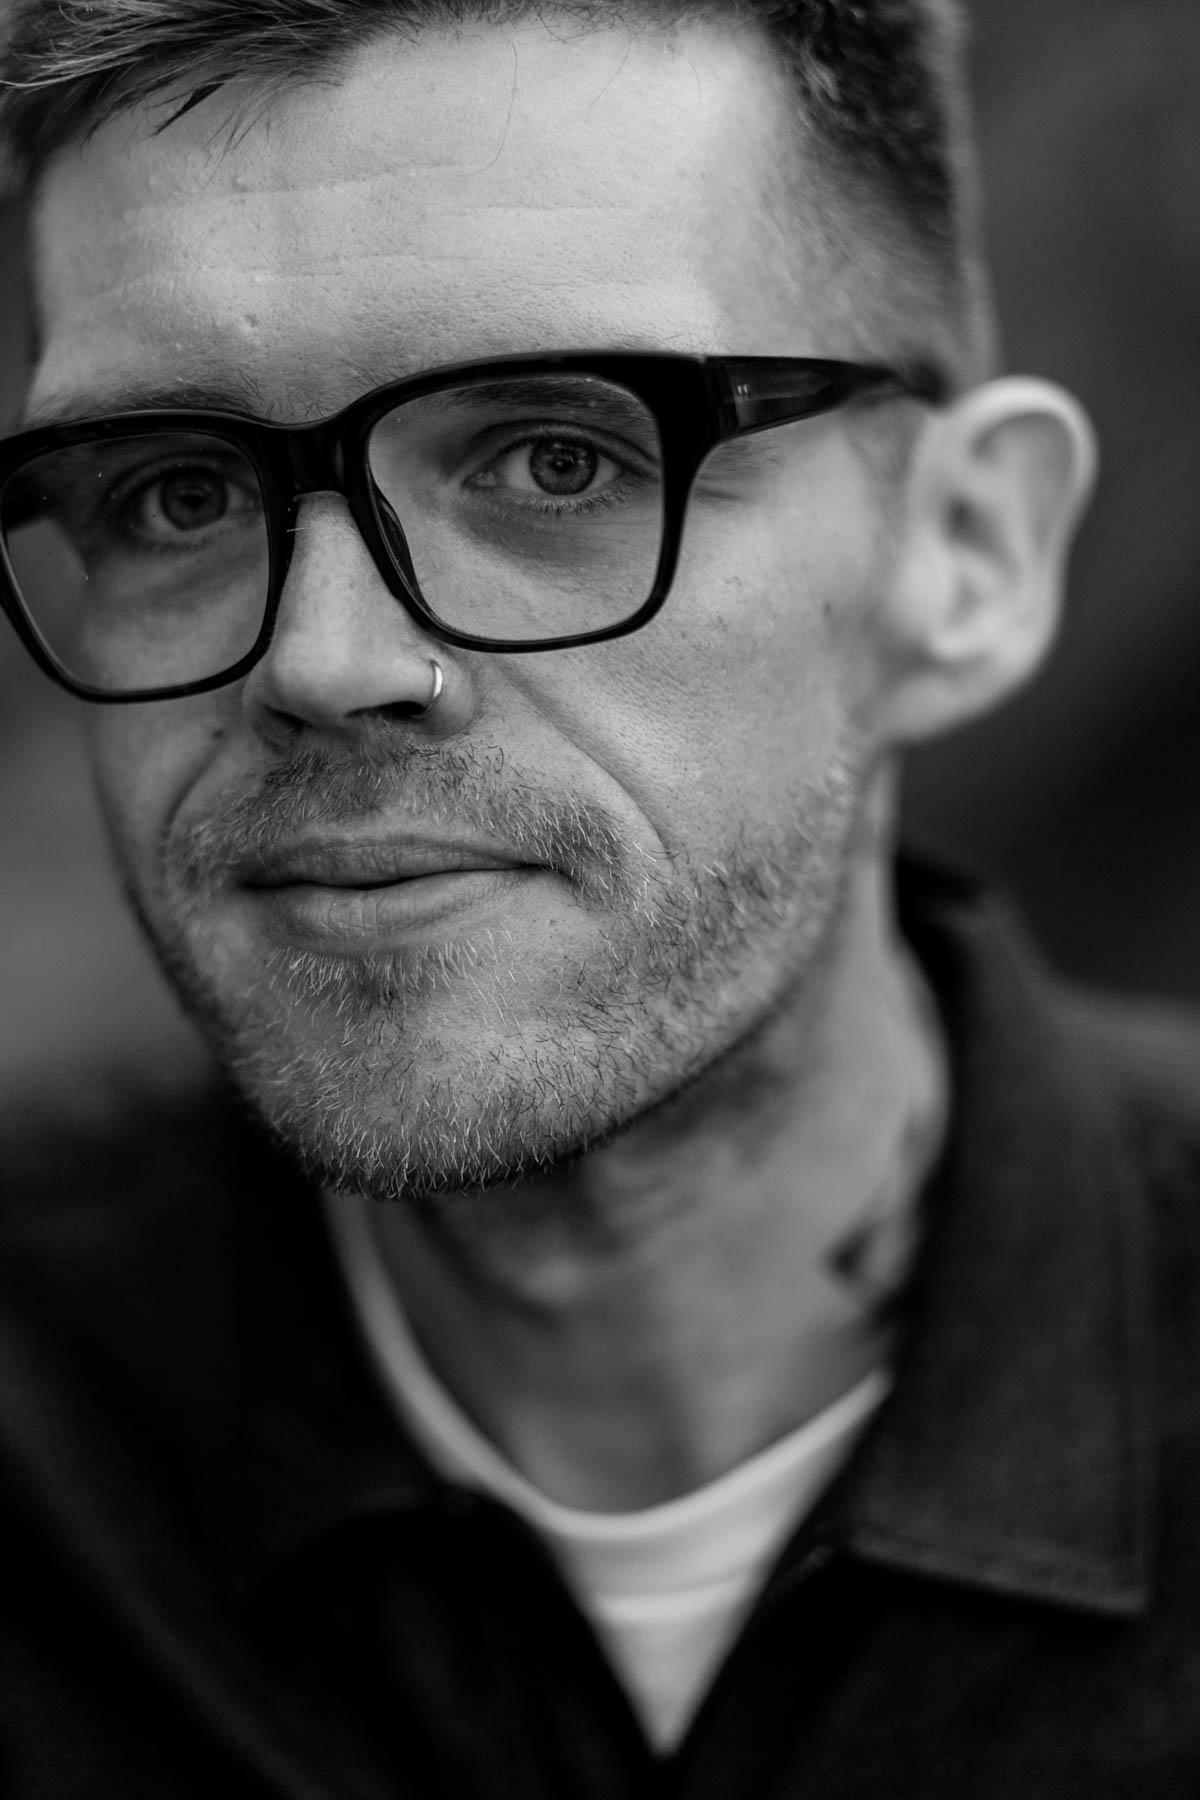 Portrait von Jupiter Jones Sänger Nicholas Müller von Fotograf Timm Ziegenthaler